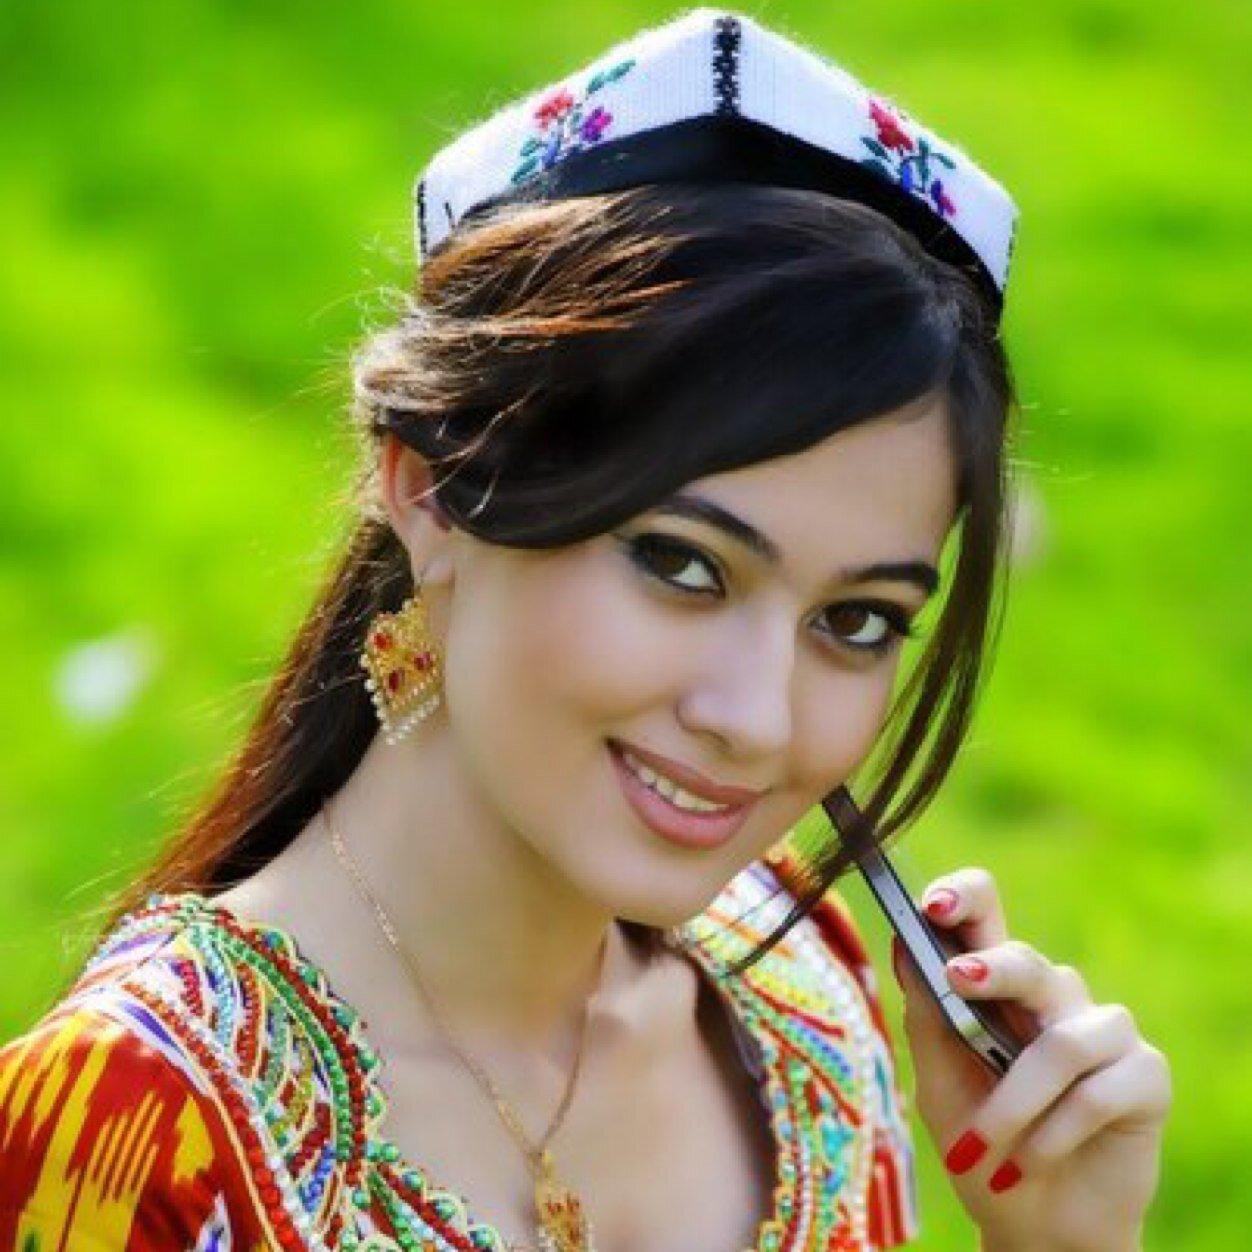 Фото красивых девушек таджикистана 3 фотография